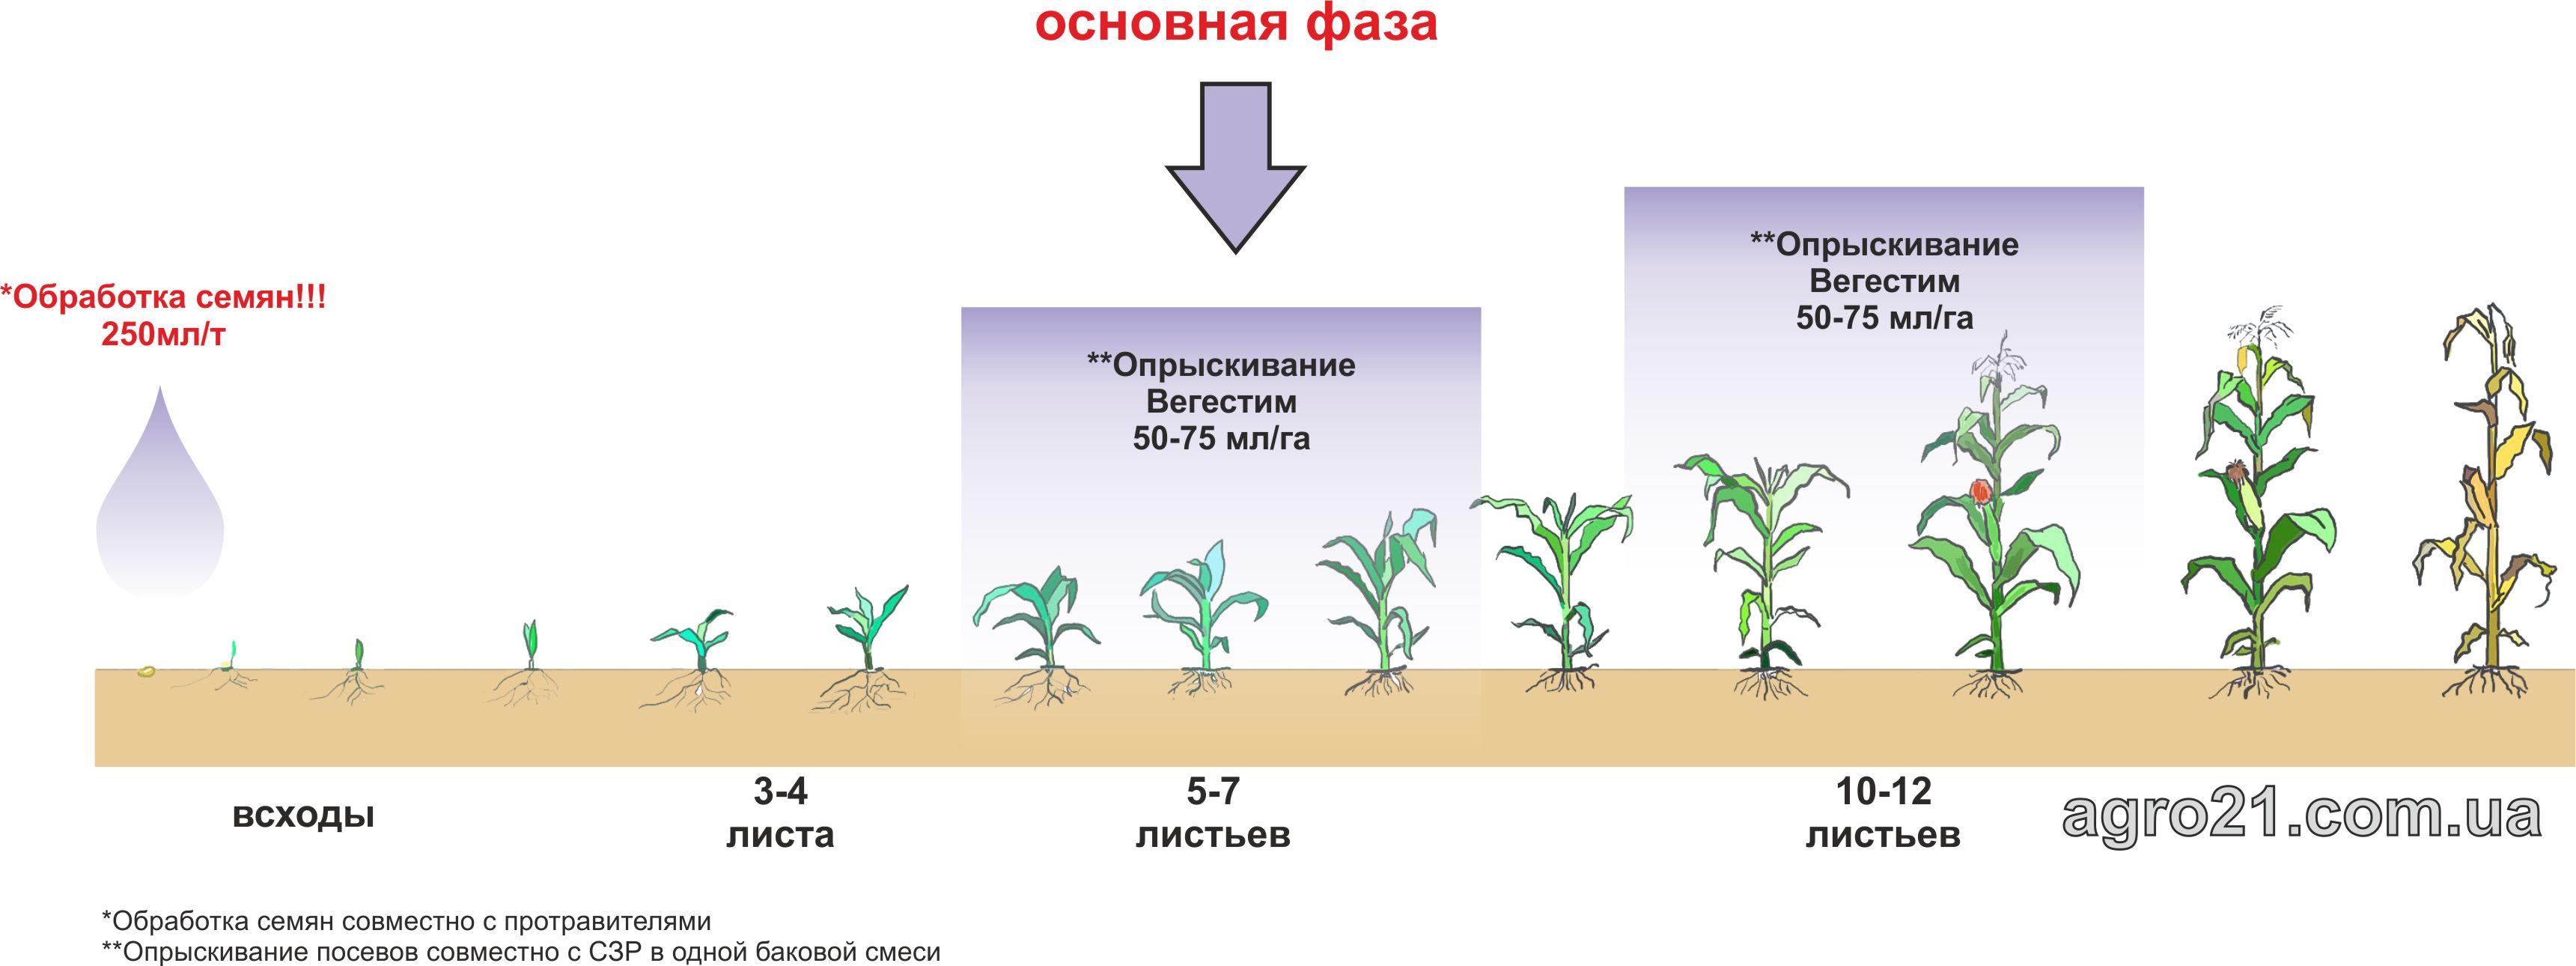 Вегестим. Схема применения стимулятора роста растений на кукурузе